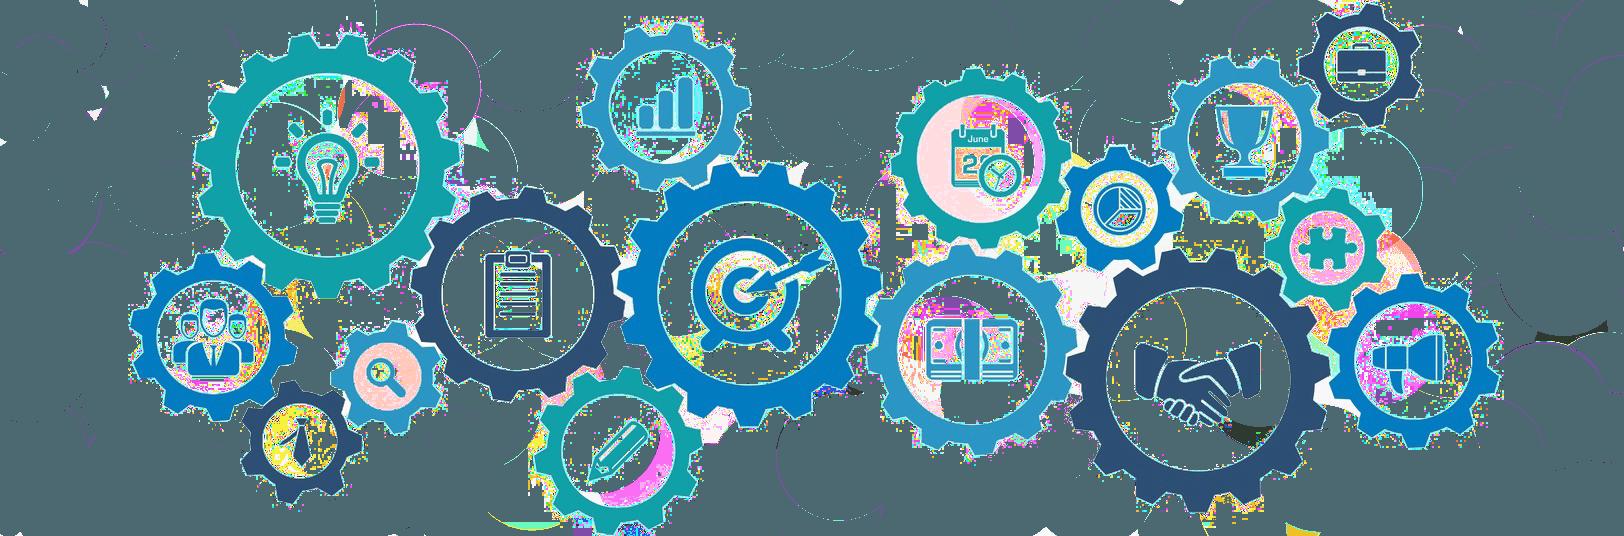 Структура Интернет маркетинга